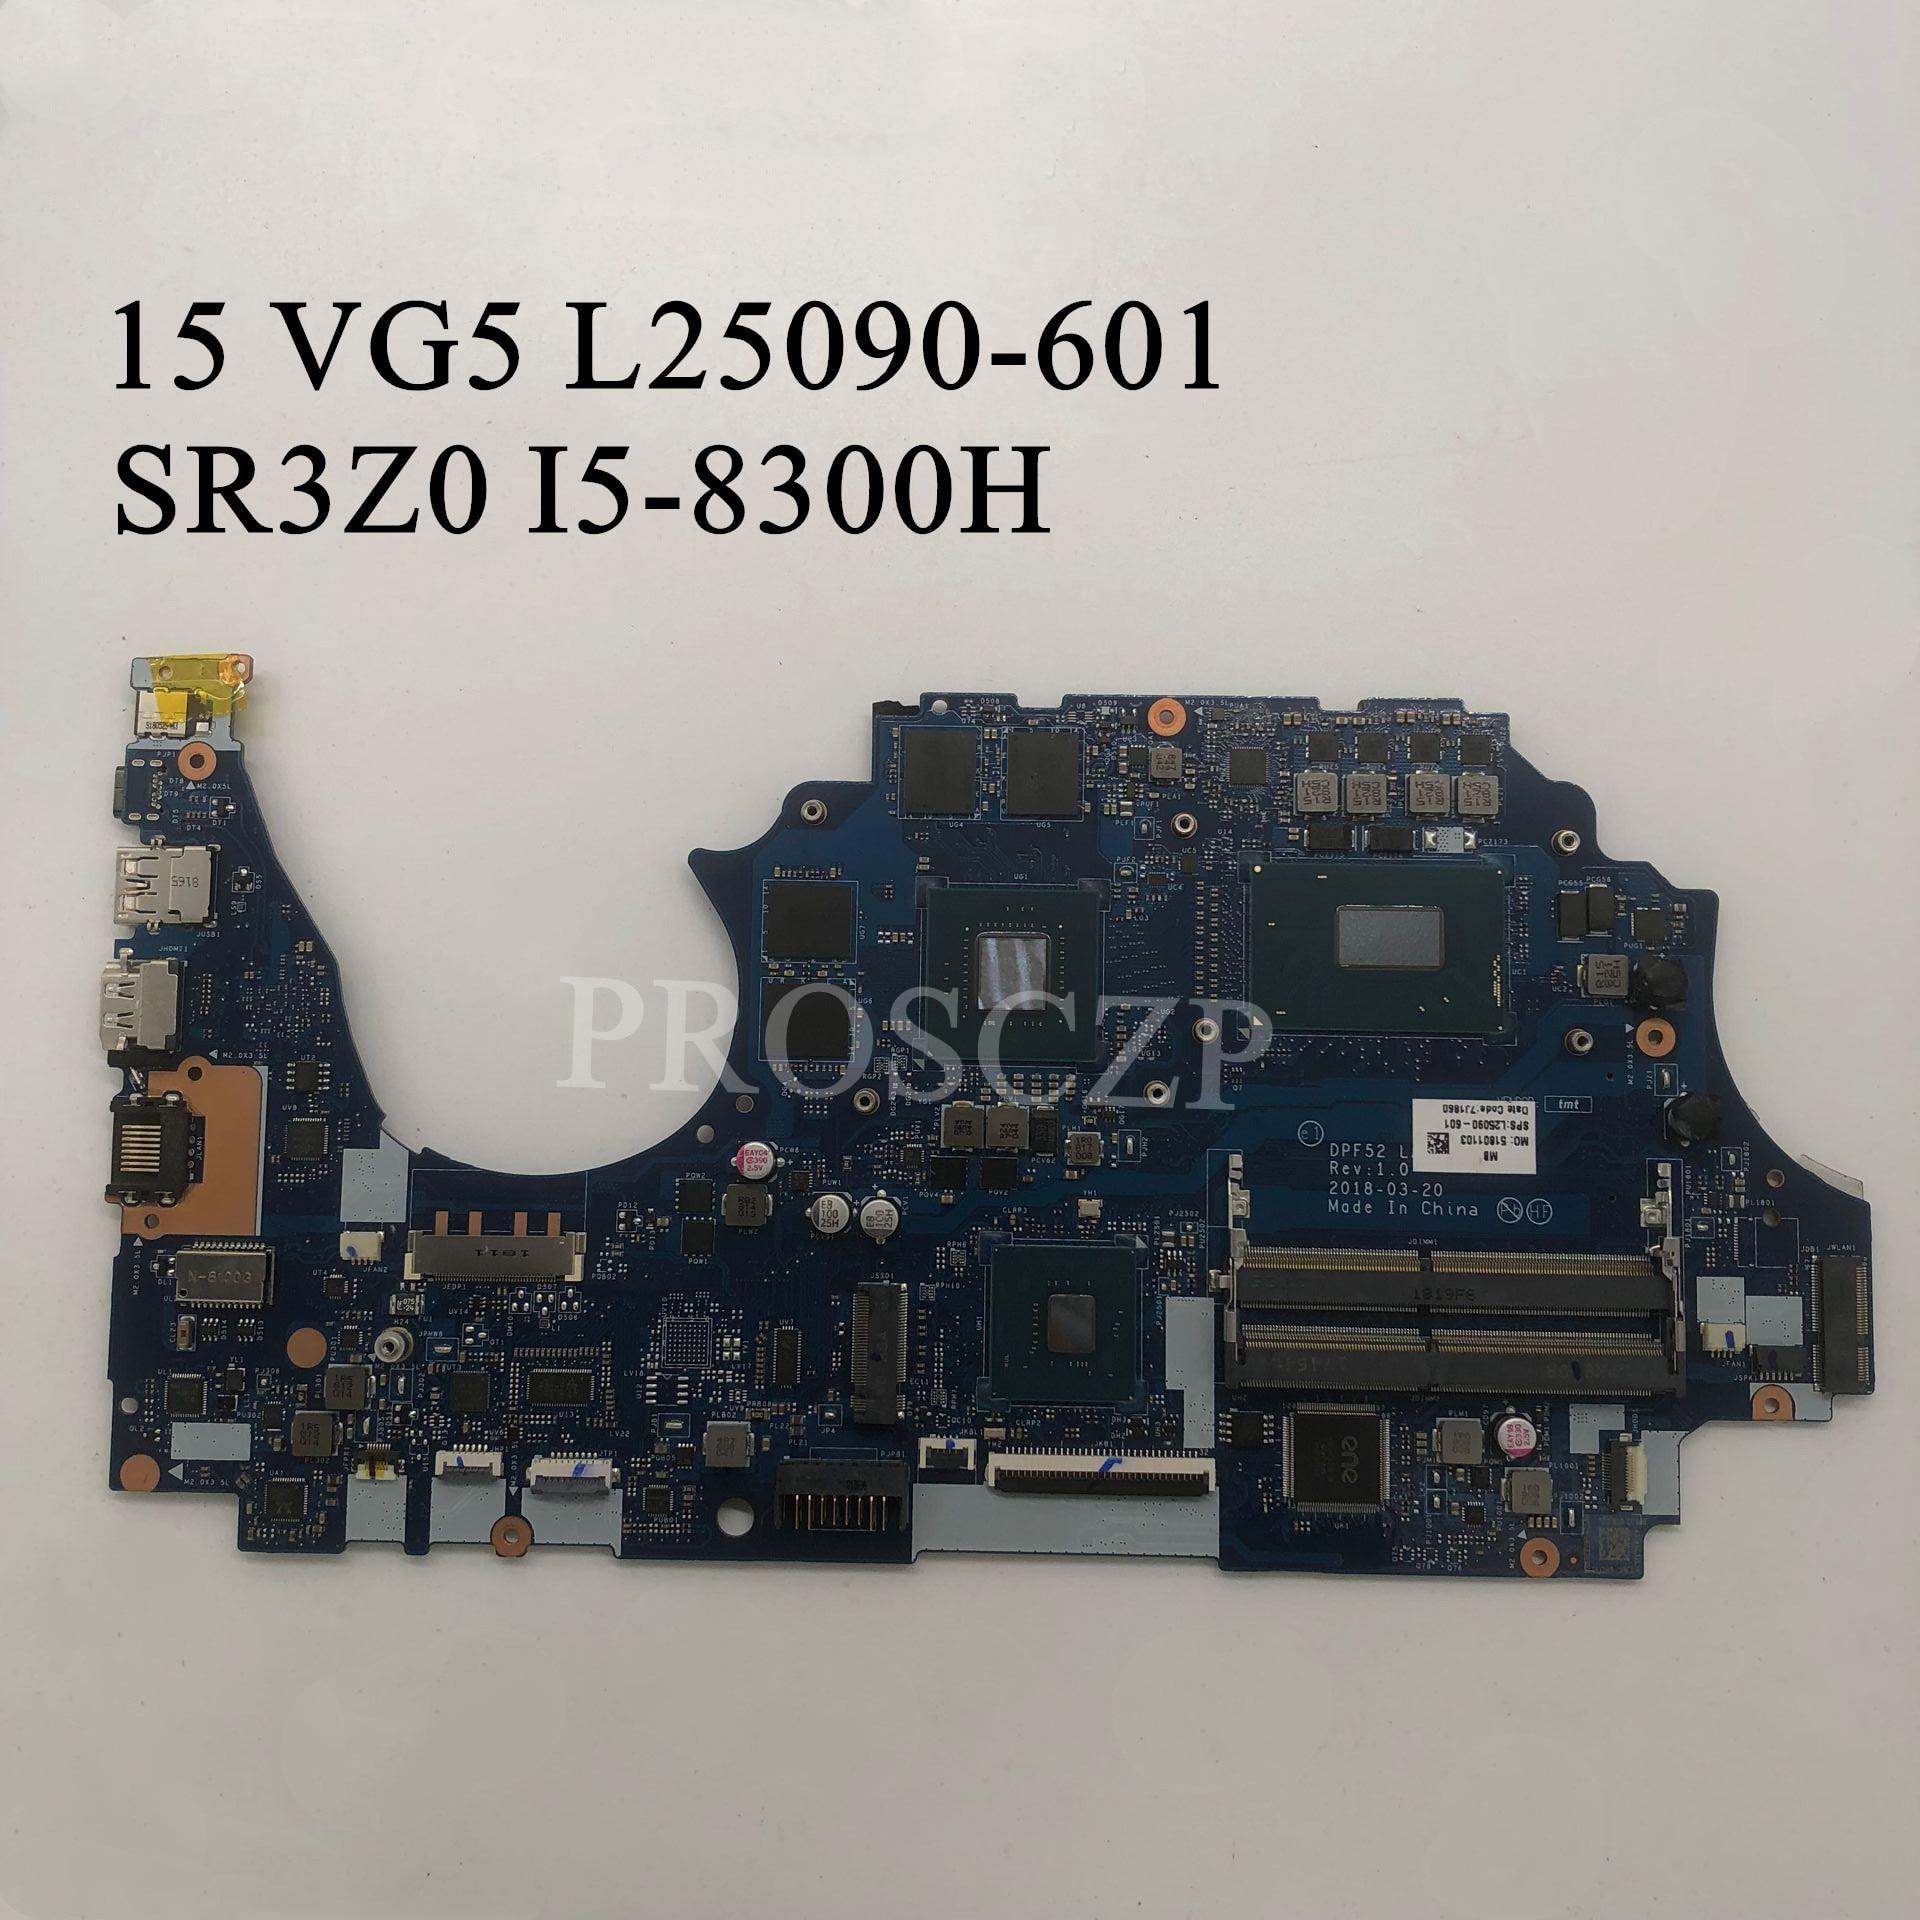 PARA HP 15 L25090-601 com SR3Z0 I5-8300H N18M-Q3-A1 VG5 Laptop motherboard 100% de trabalho bem